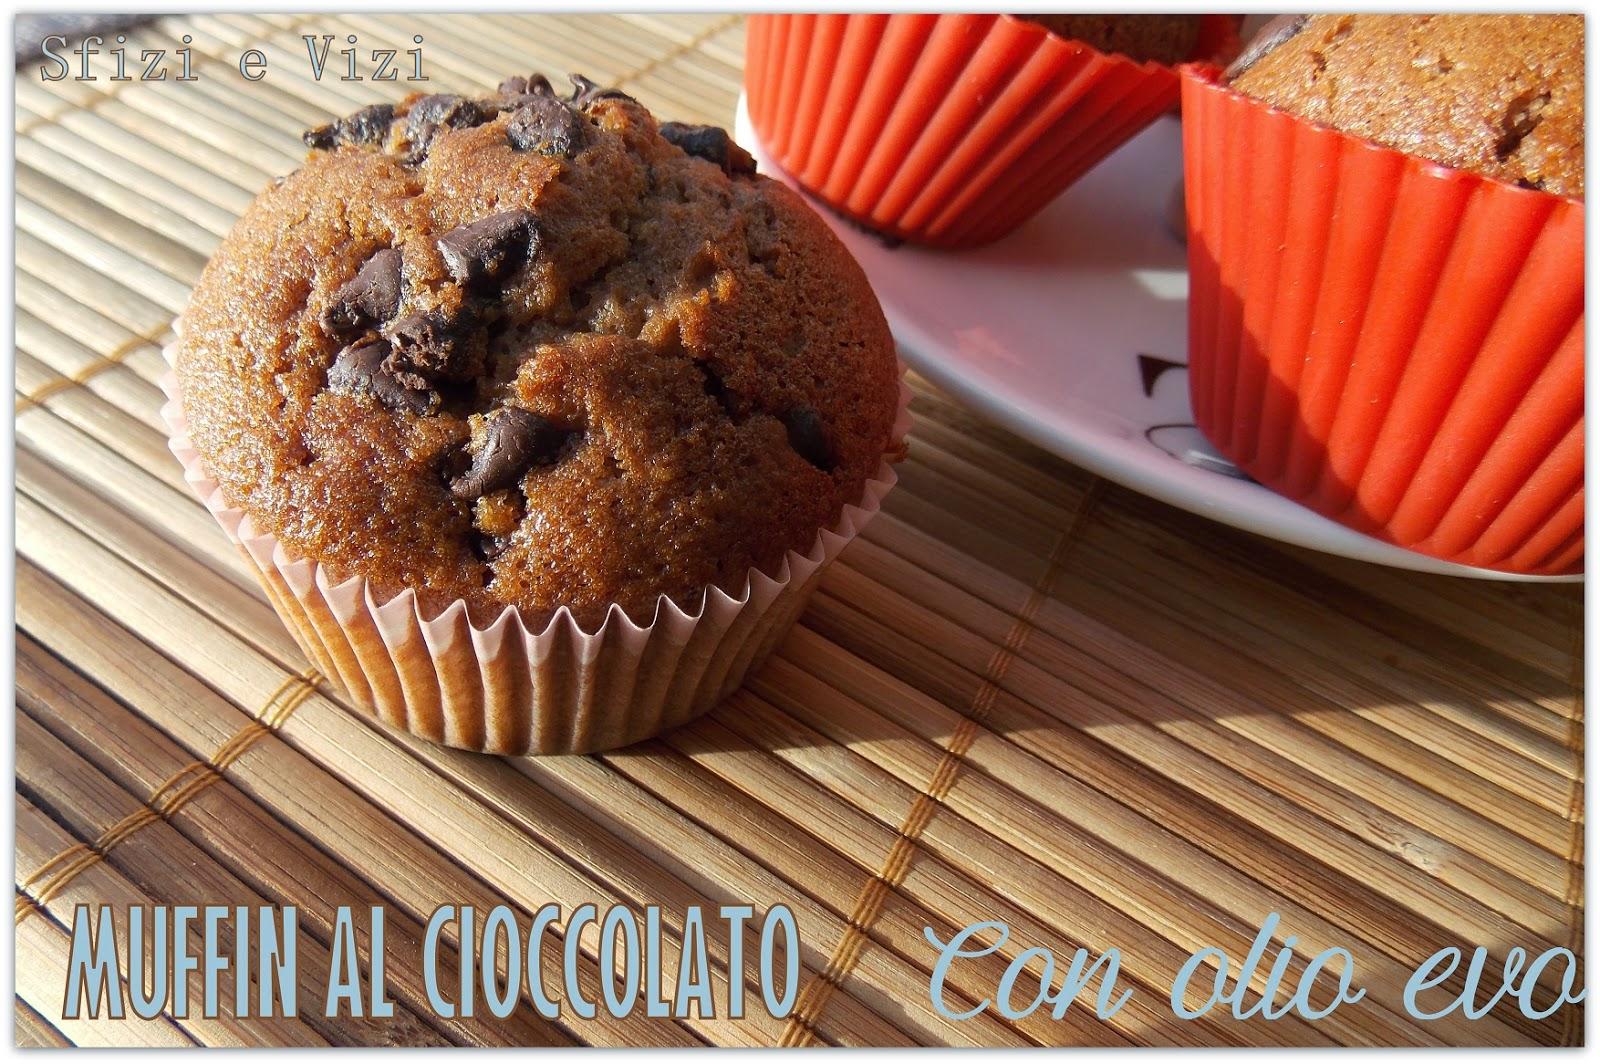 muffin al cioccolato, da una ricetta di nigella lawson: senza burro, con olio extravergine di oliva, latte di riso e cioccolato